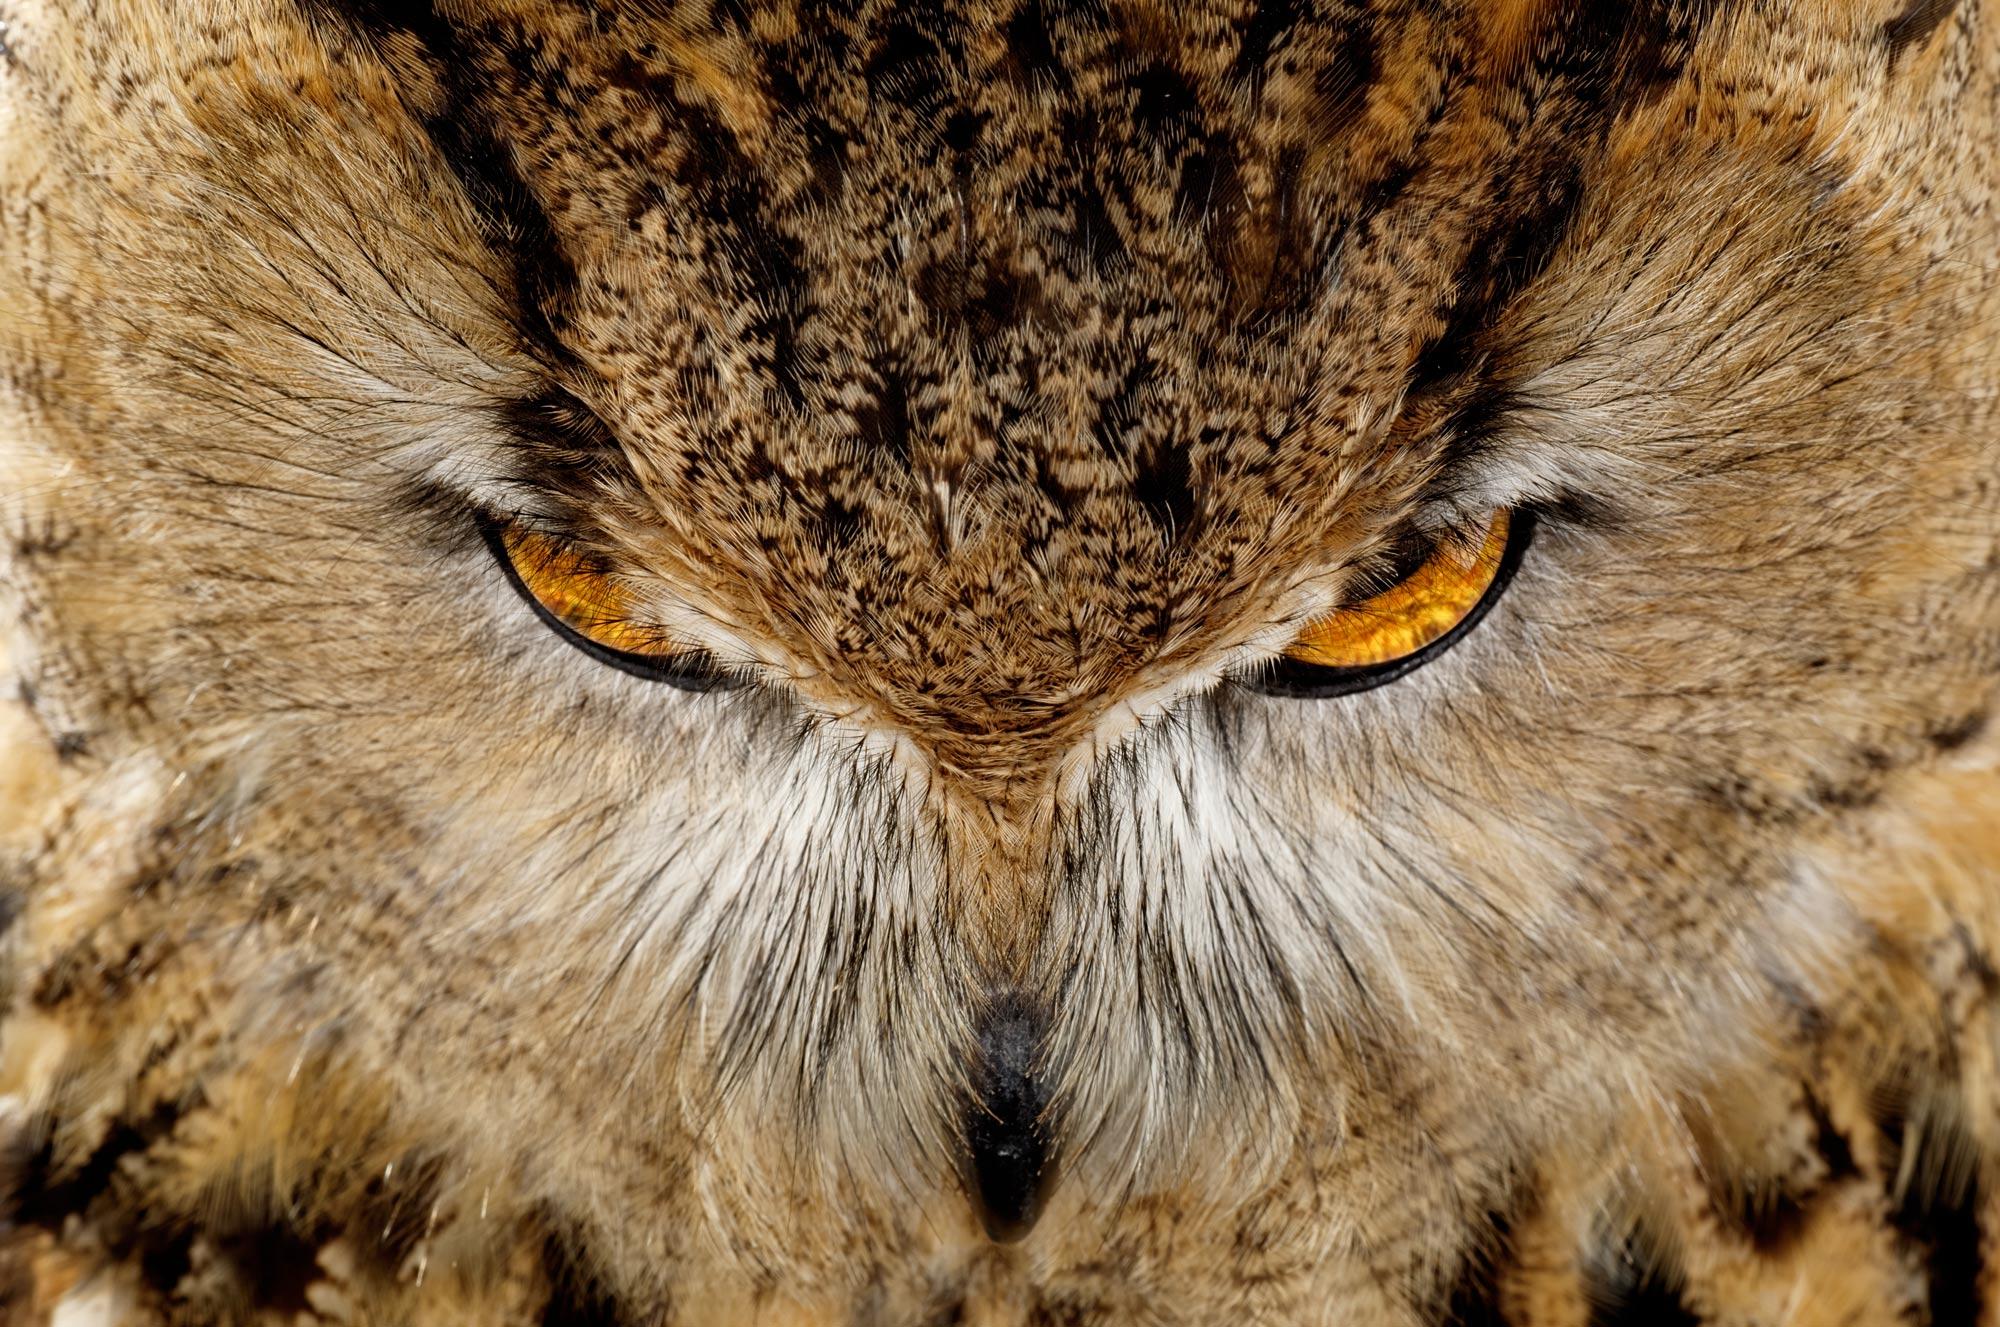 EAGLE_OWL_LSSH0026.jpg